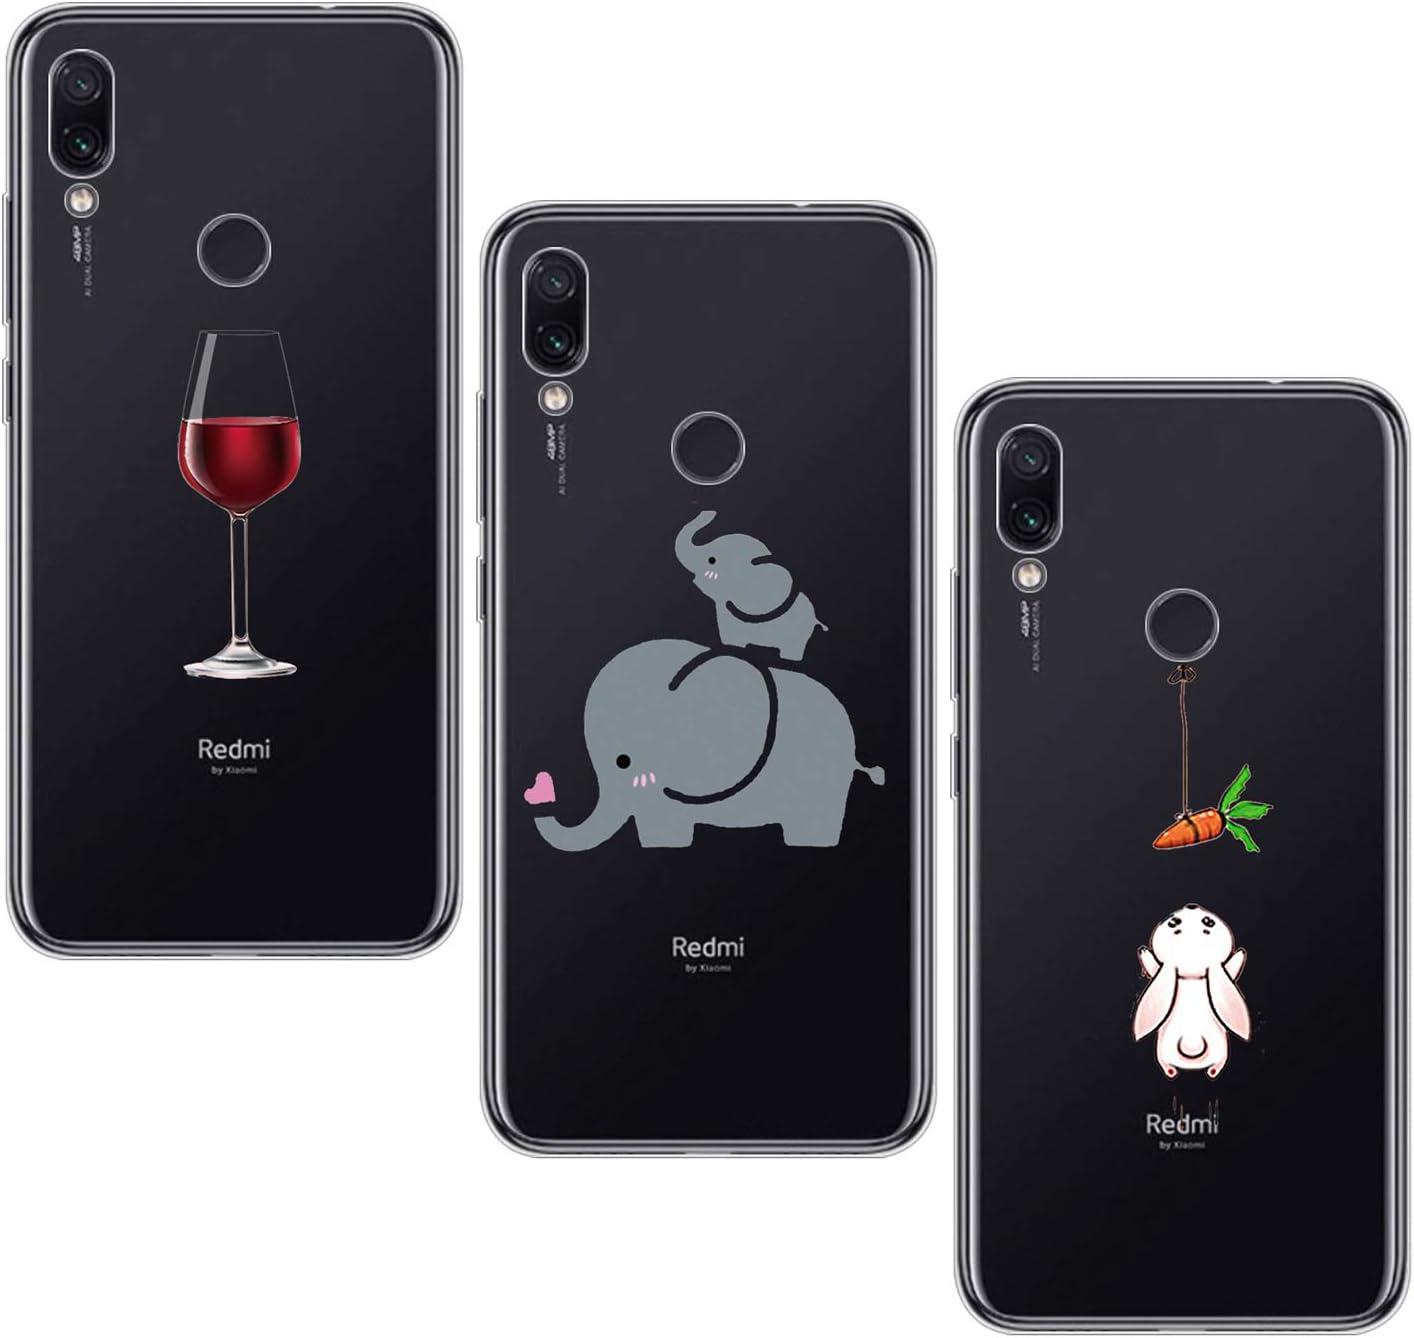 Oihxse - Funda Compatible con Xiaomi Mi 8 Lite, Funda con TPU Suave, Ultra Ligera, Fina y Transparente para Xiaomi Mi 8 Lite, Funda Suave de Silicona Flexible con Cristales